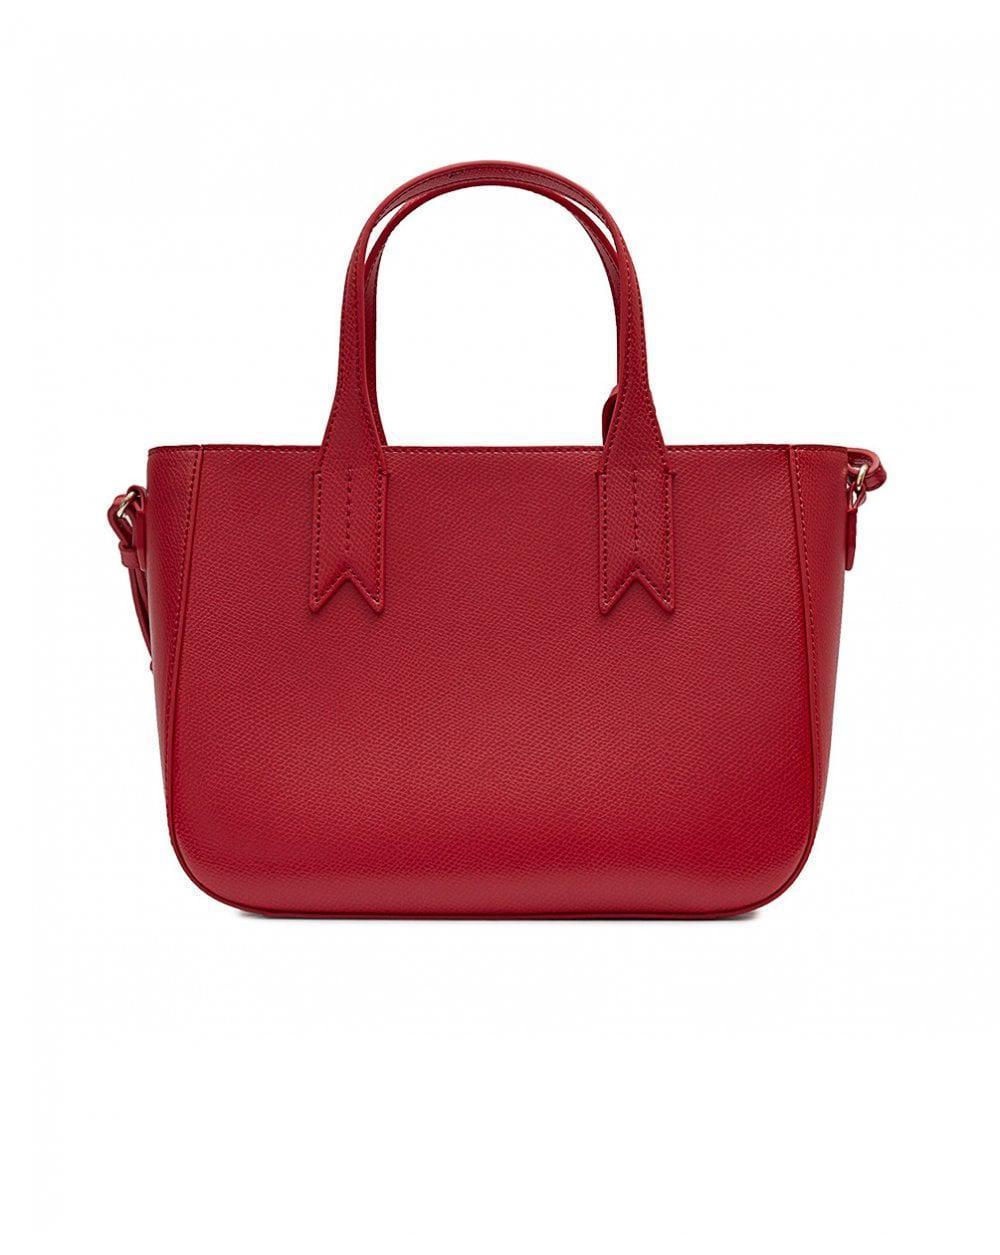 Emporio Armani Frida Small Eagle Logo Tote Bag in Red - Lyst 3b8c3e9574